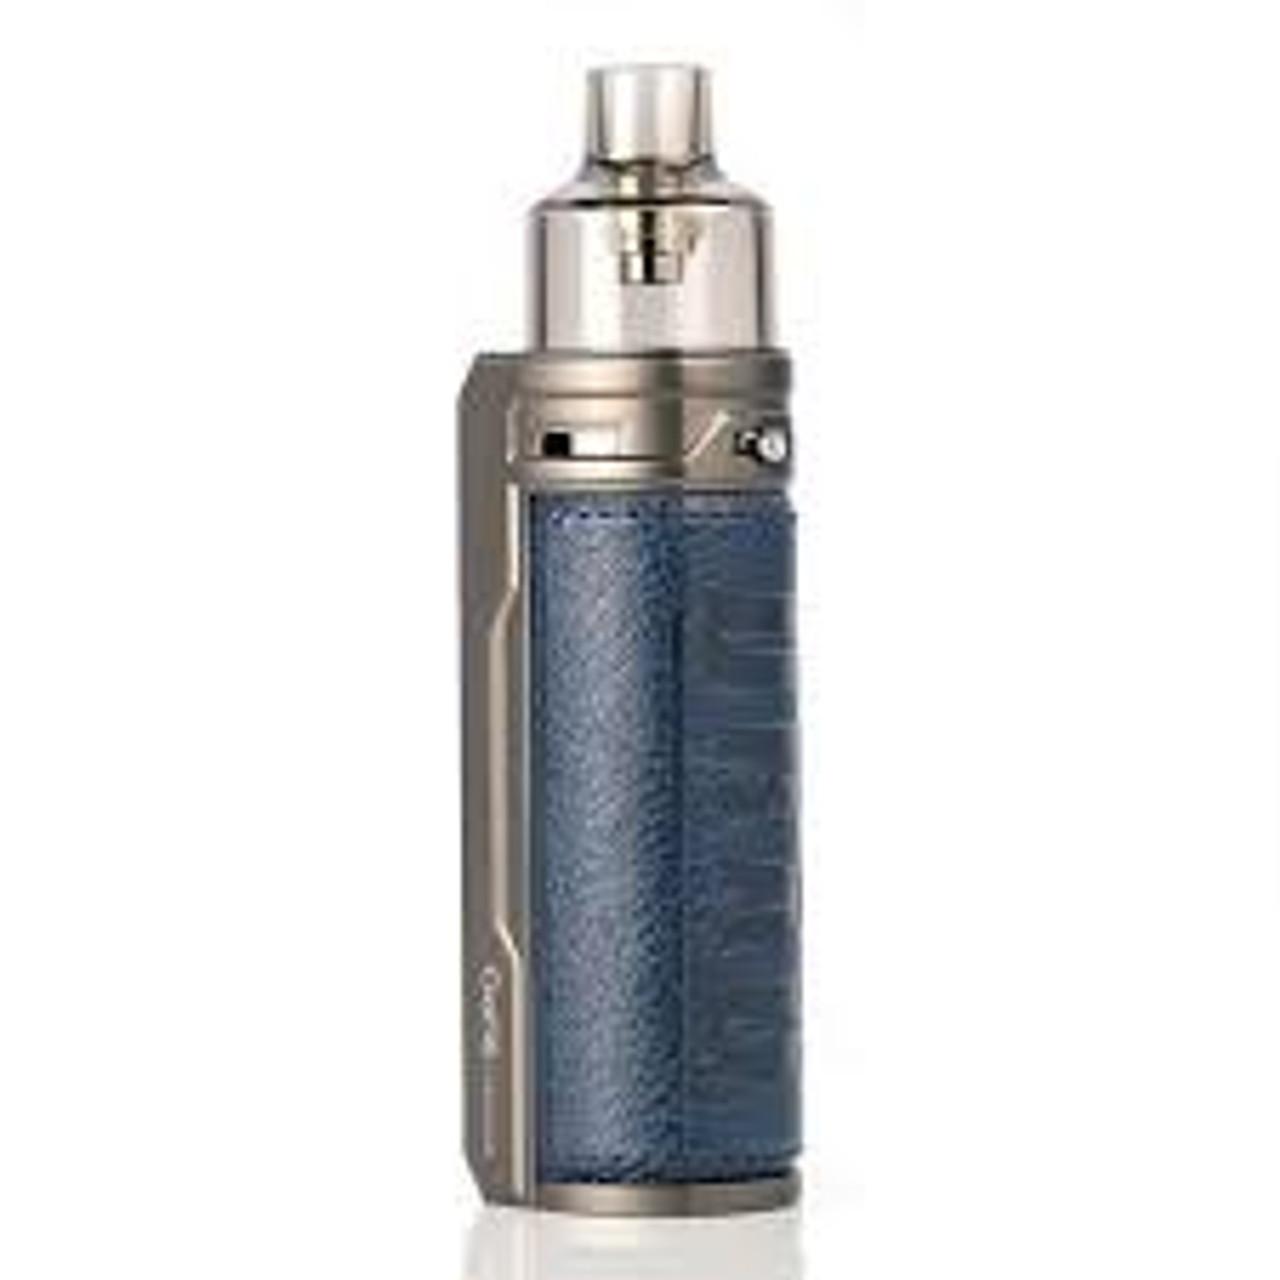 Voopoo Drag S 60W Mod Pod Kit 2500mAh 4.5ml Galaxy Blue